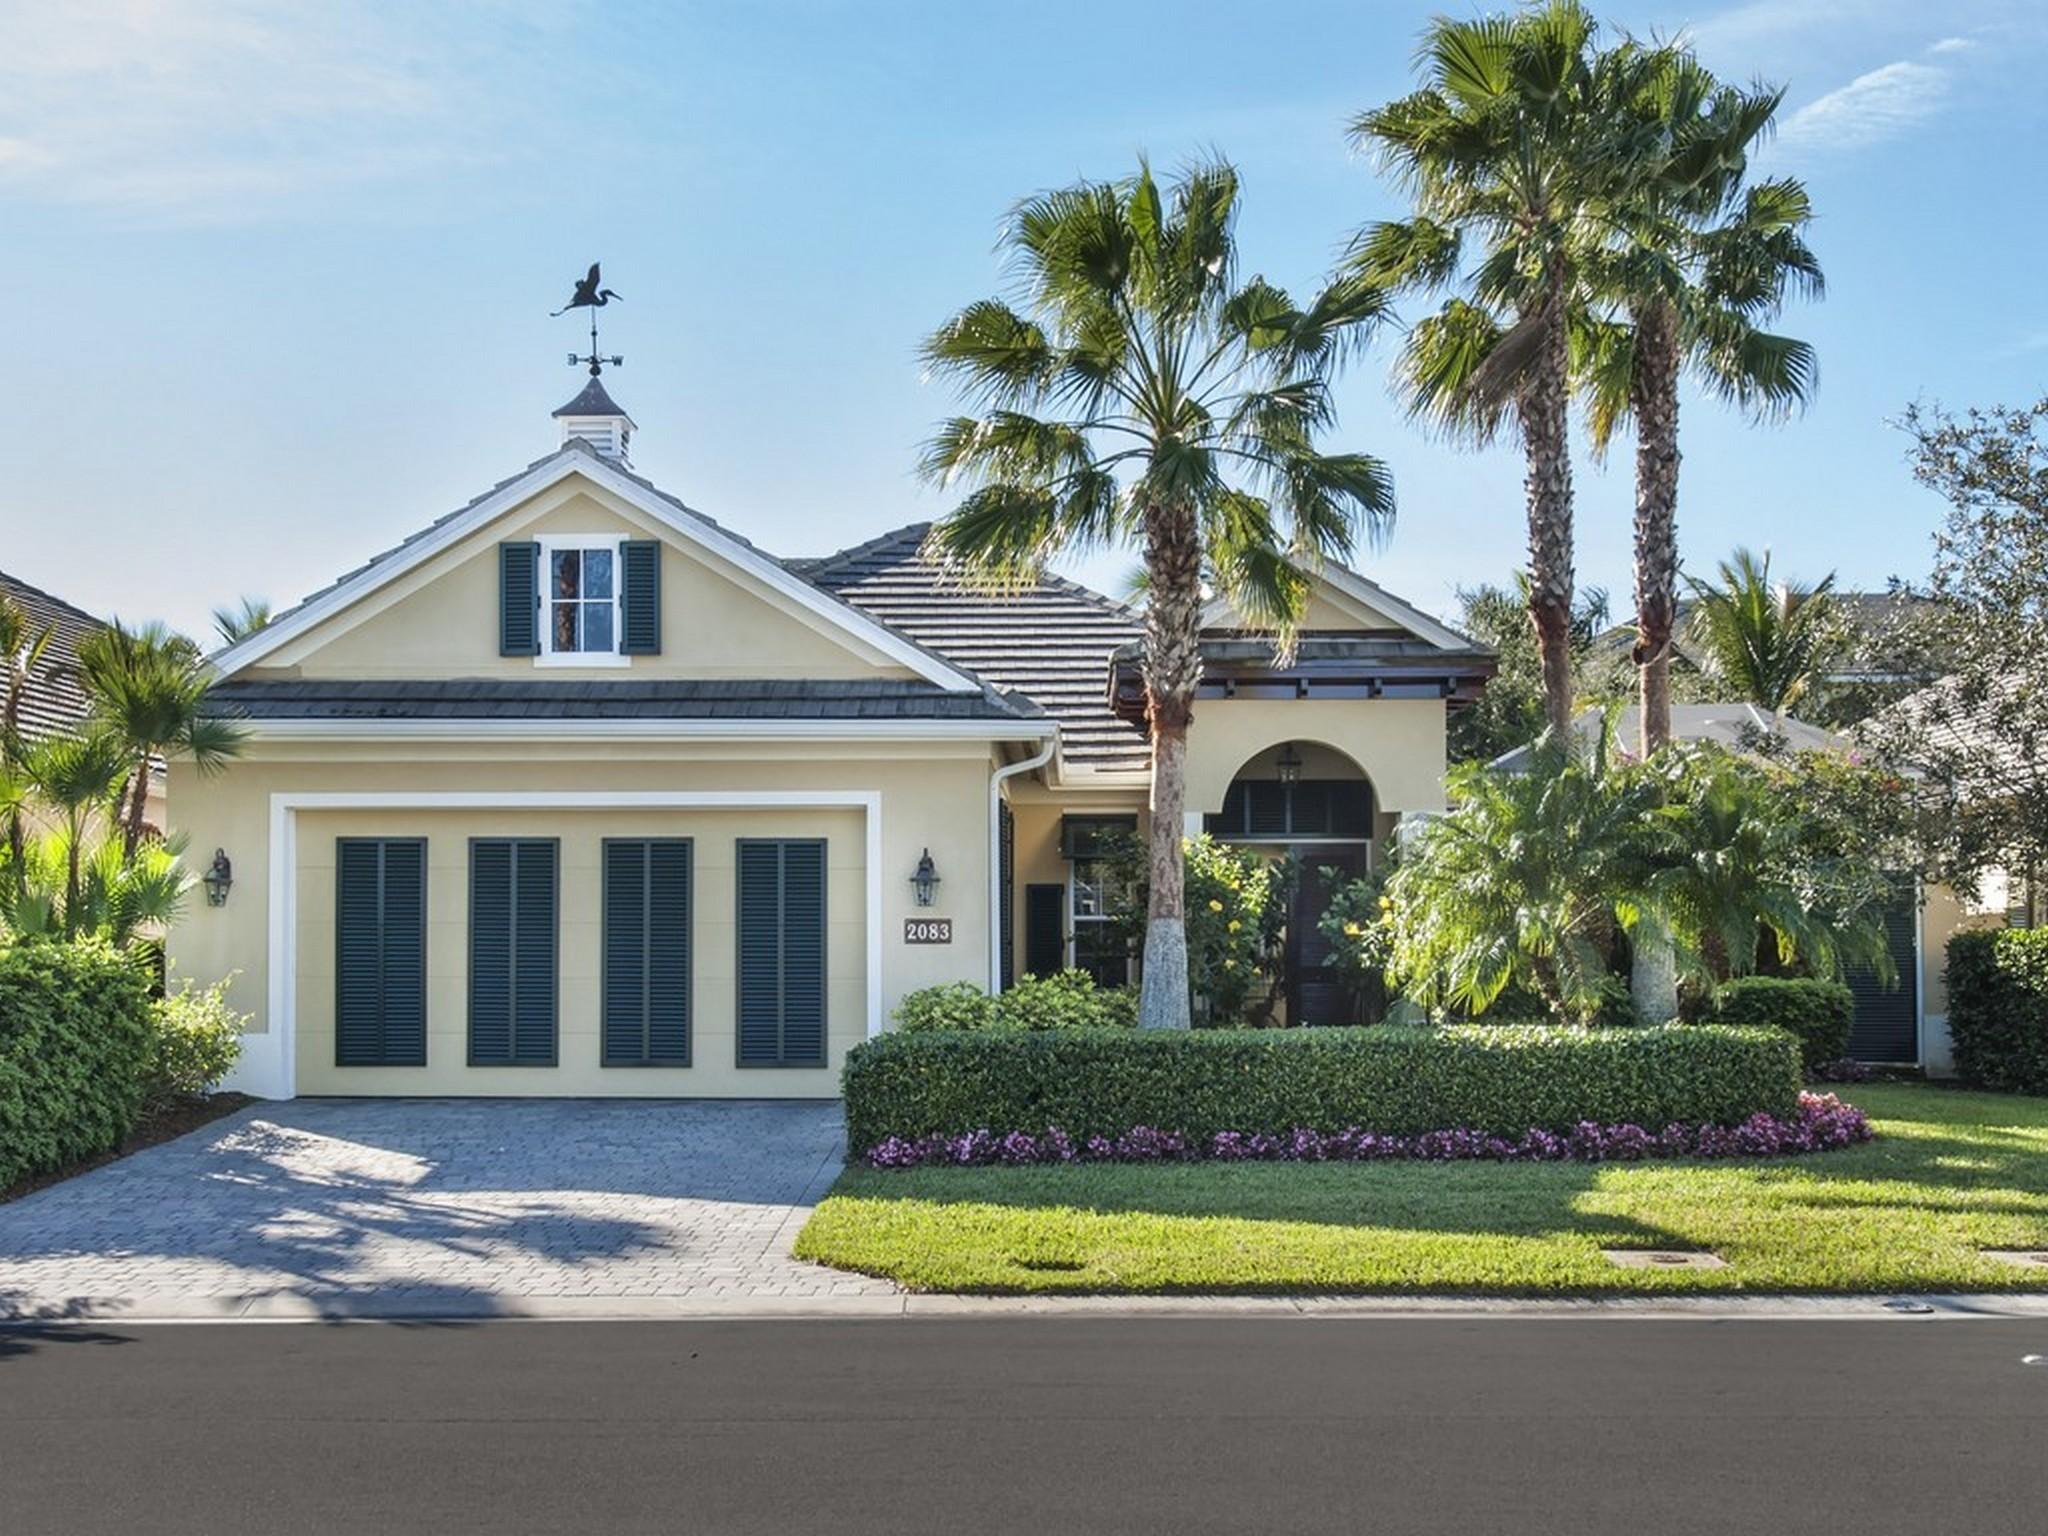 단독 가정 주택 용 매매 에 Lovely West Indies Style home in Seasons 2083 Indian Summer Lane Vero Beach, 플로리다 32963 미국